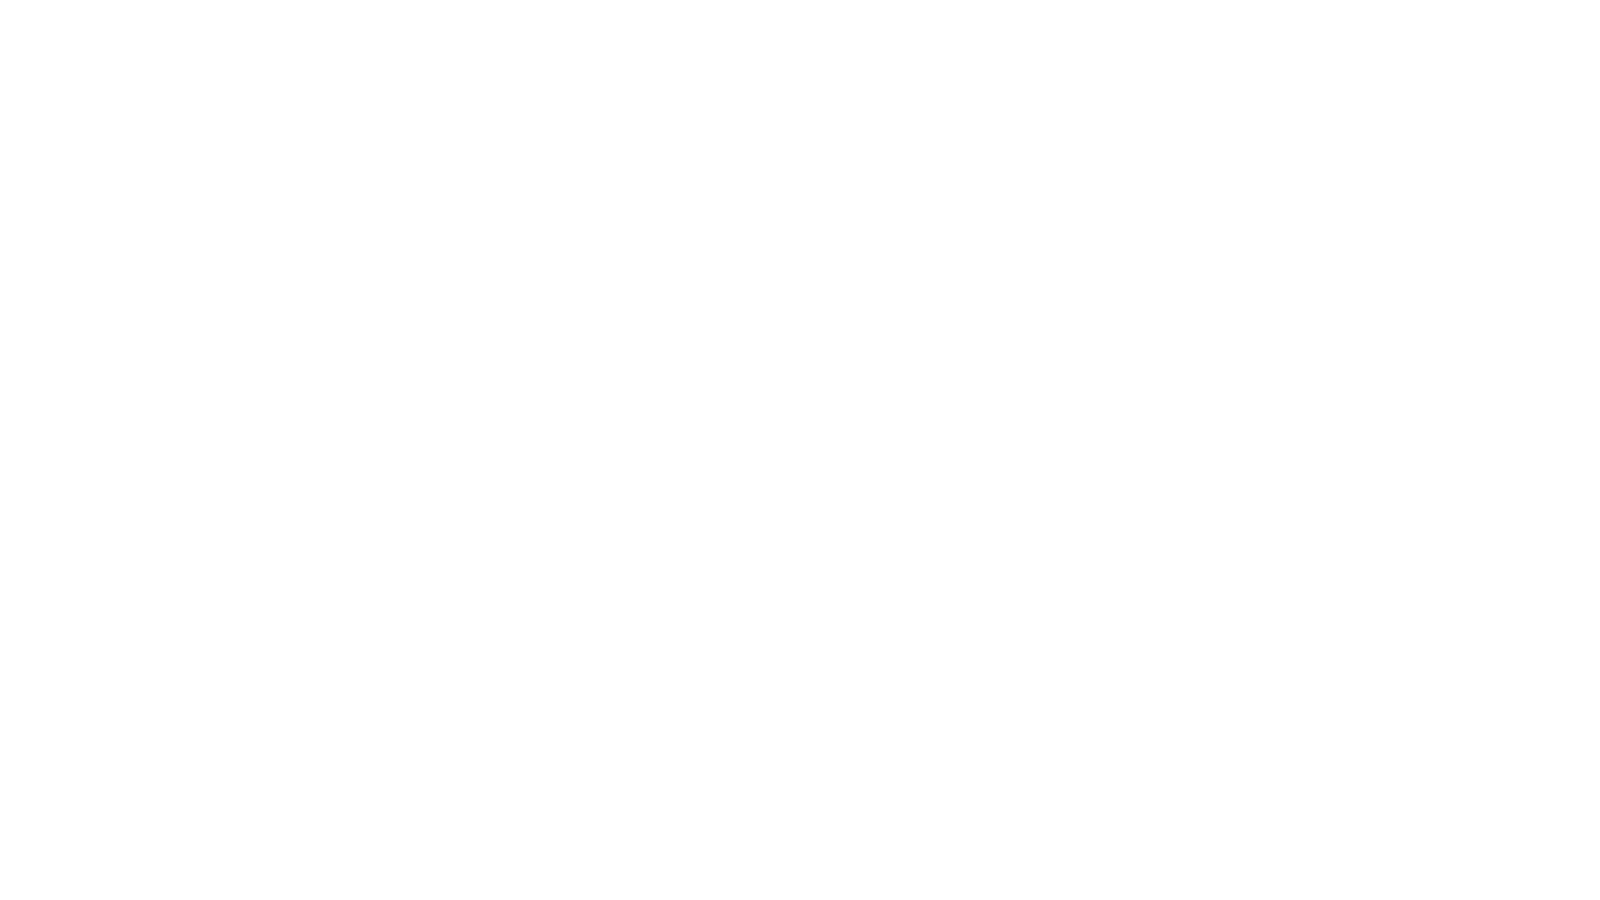 El propósito de este canal es principalmente hacer videos para intentar ayudar a otros viajeros en sus viajes en una furgoneta pequeña. Este video no creemos que os ayude gran cosa 😂😂... pero narra un poco el día a día en los primeros meses de viaje.   NSTAGRAM: https://www.instagram.com/vandviaje/ FACEBOOK: https://www.facebook.com/vandviaje/  #VDV #VanDeViaje #VanDViaje #minicamper #VWcaddy